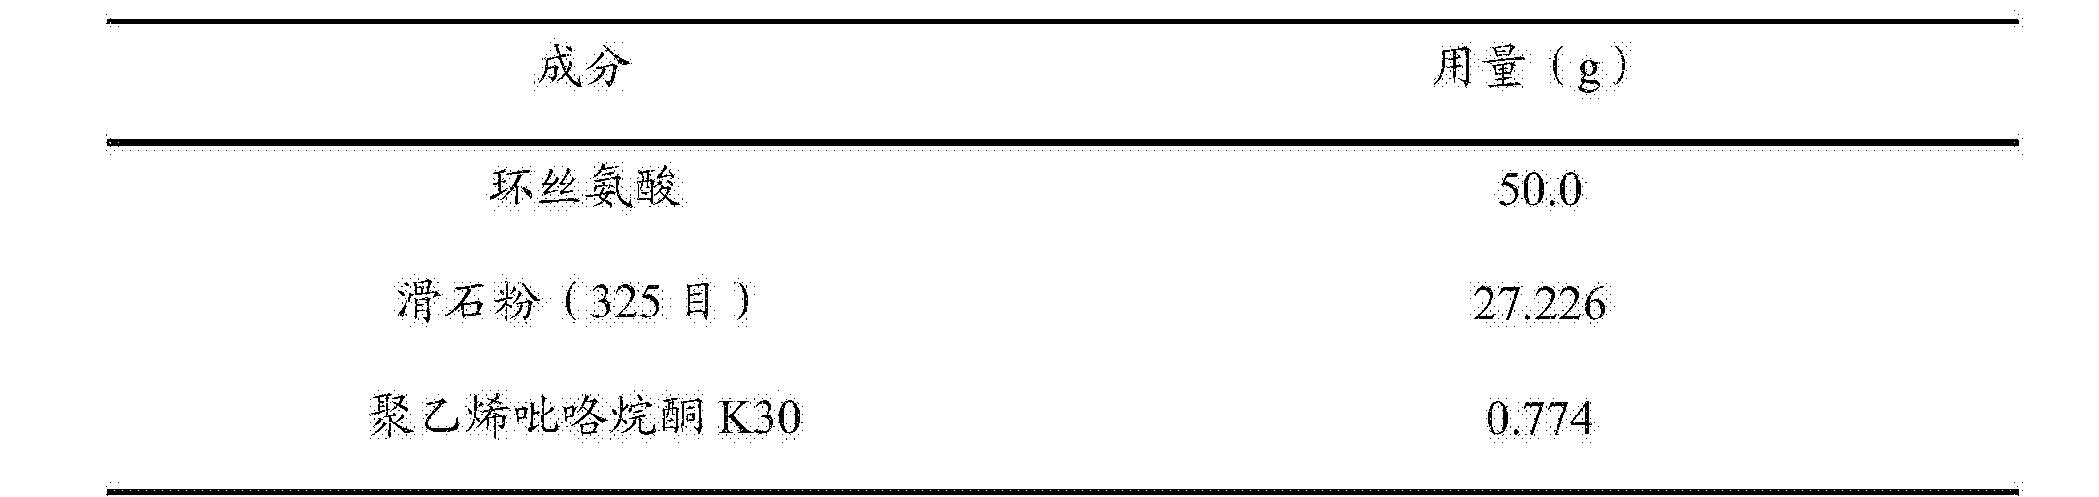 Figure CN105476976BD00122